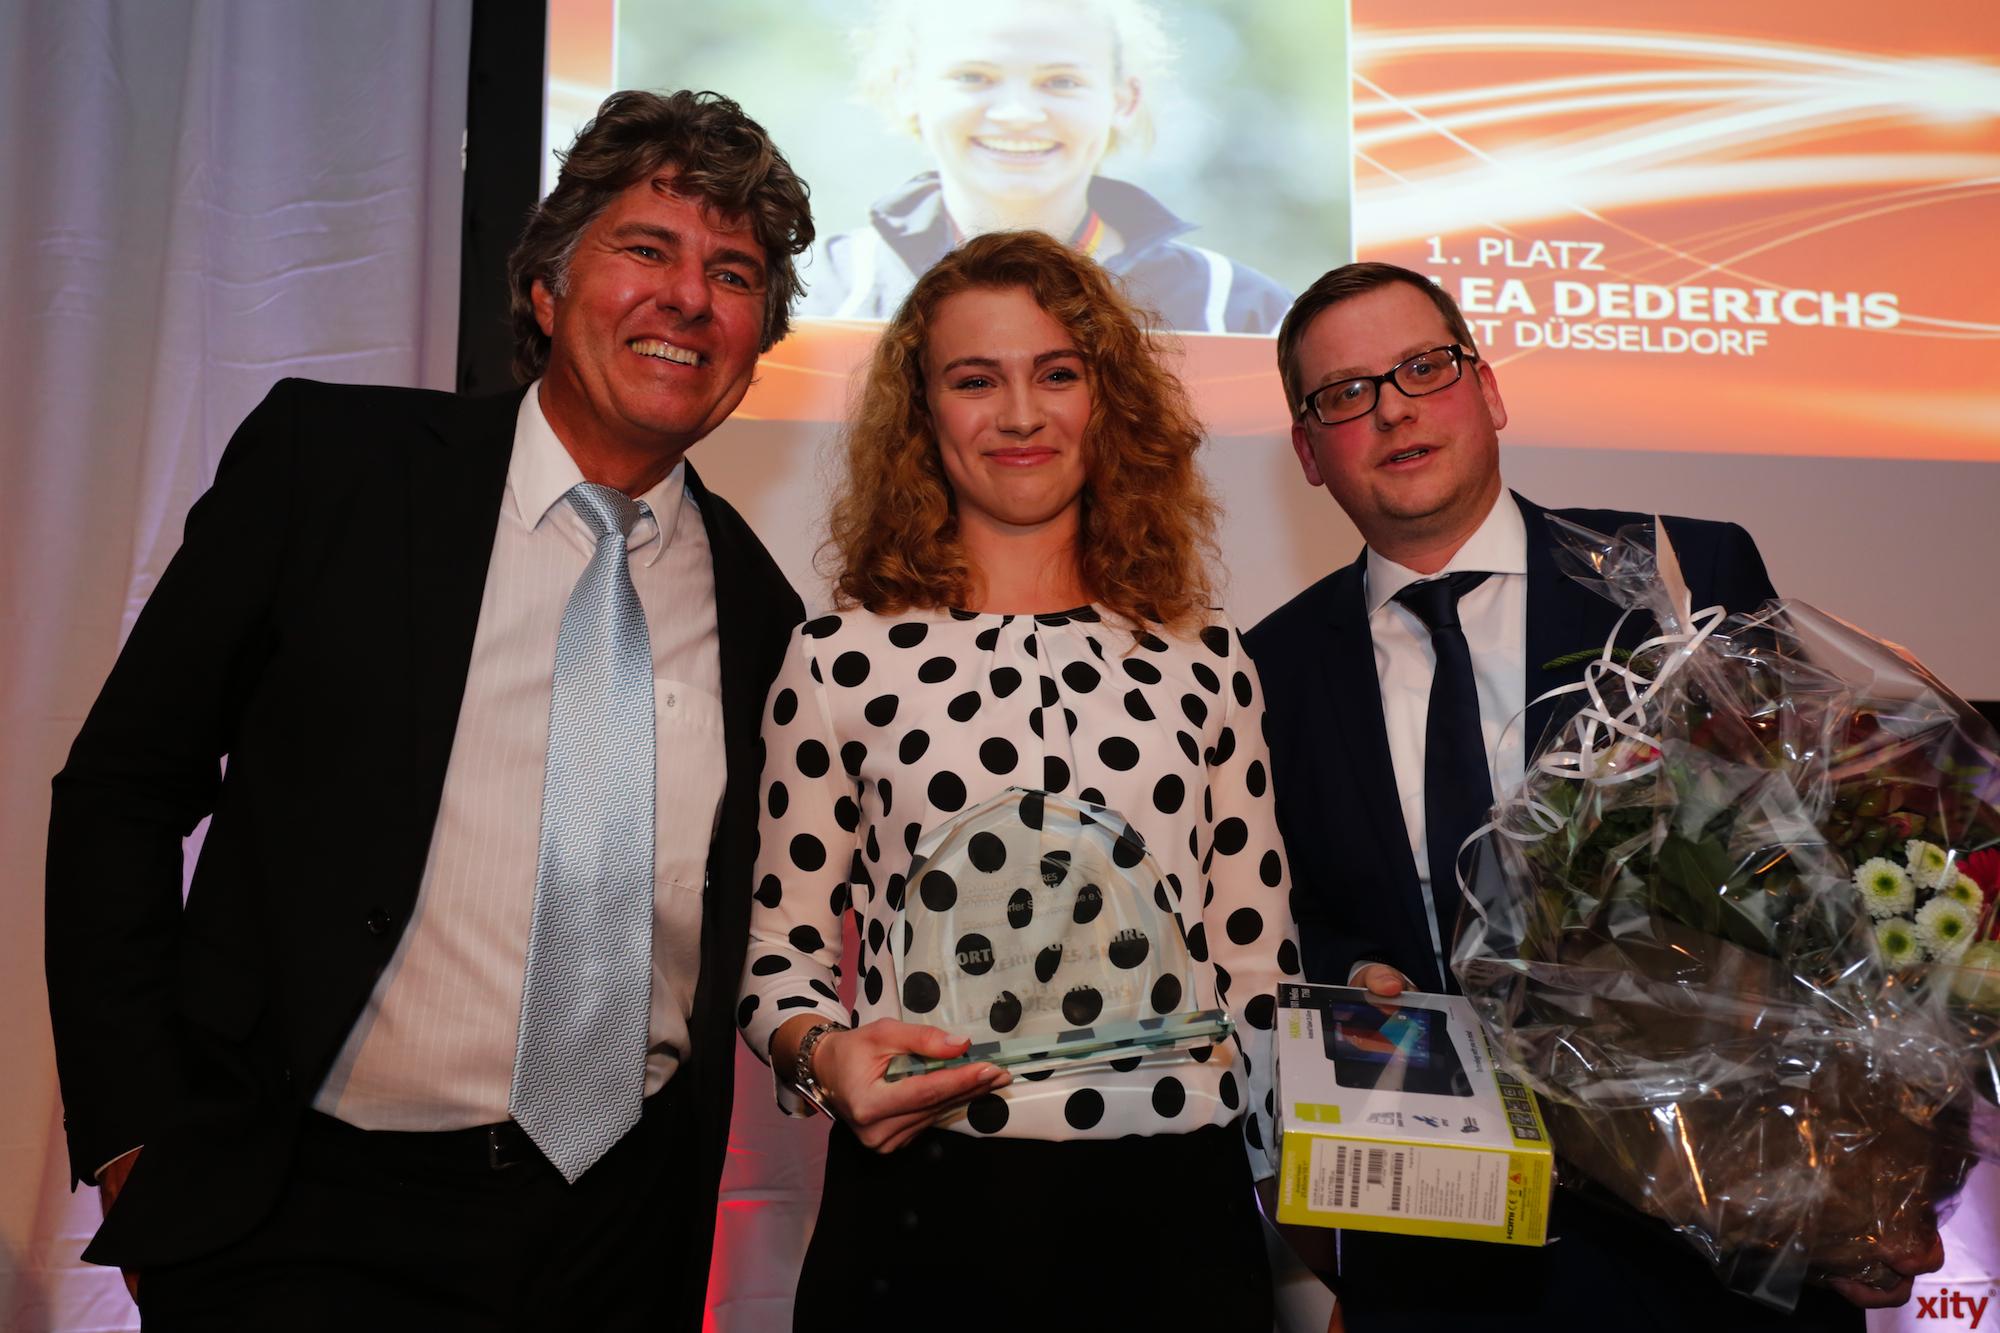 Lea Dederichs wurde Sportlerin des Jahres (Foto: xity)